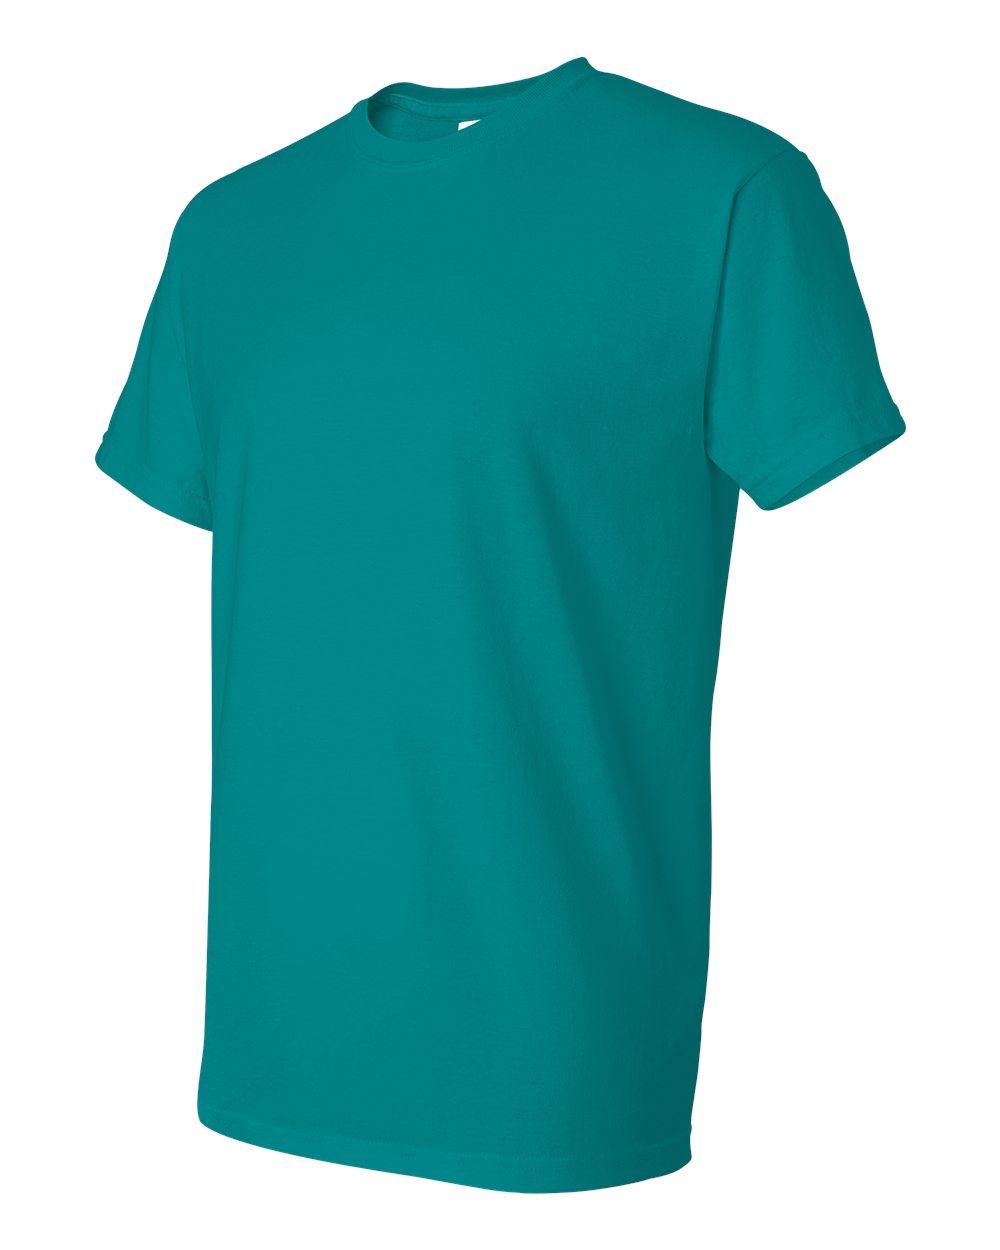 Gildan-Mens-DryBlend-5-6-oz-50-50-T-Shirt-G800-Size-S-5XL thumbnail 41